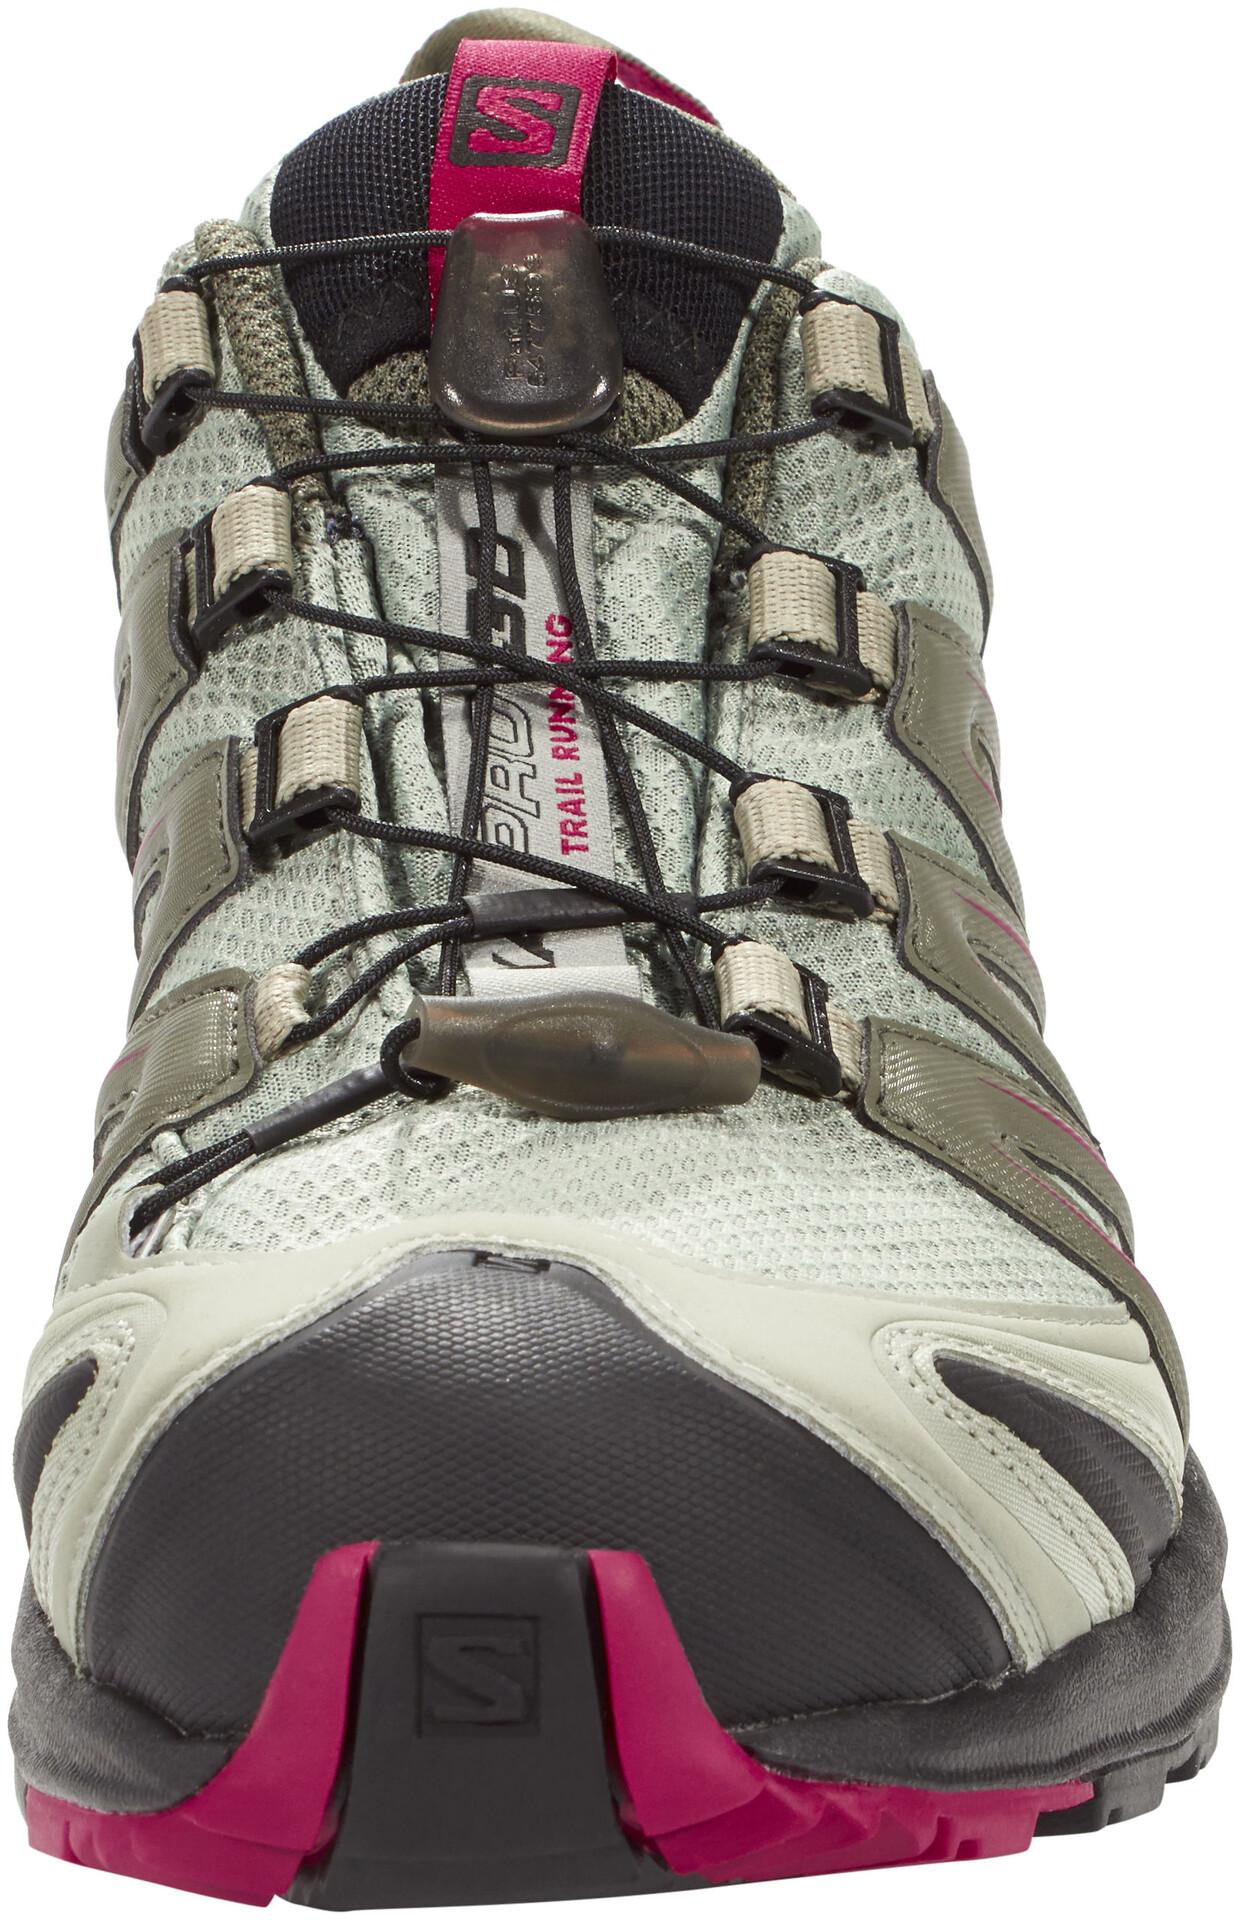 SALOMON XA PRO 3 D Ultra,GTX, Wander Schuhe, Trailrunning Gr